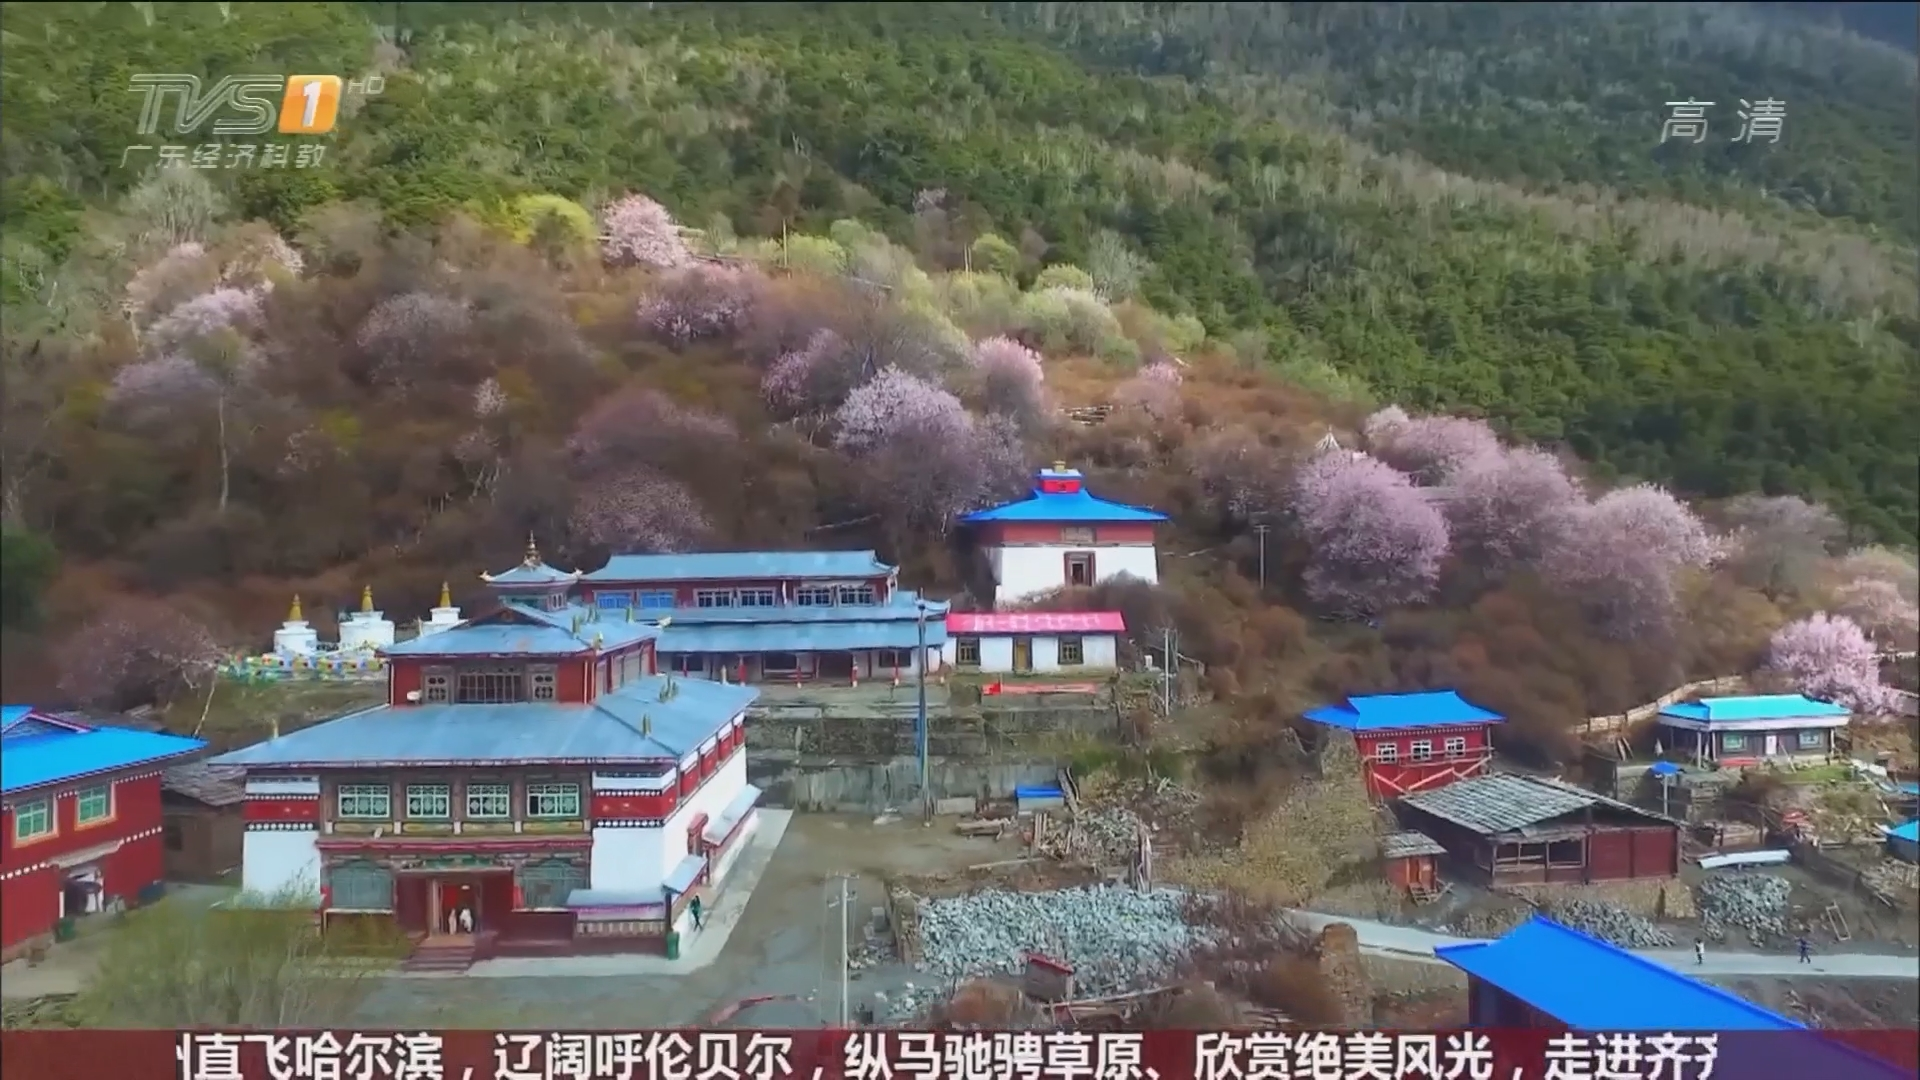 西藏之旅——走进冰雪幻境的朱西冰川 四百年历史普龙古寺